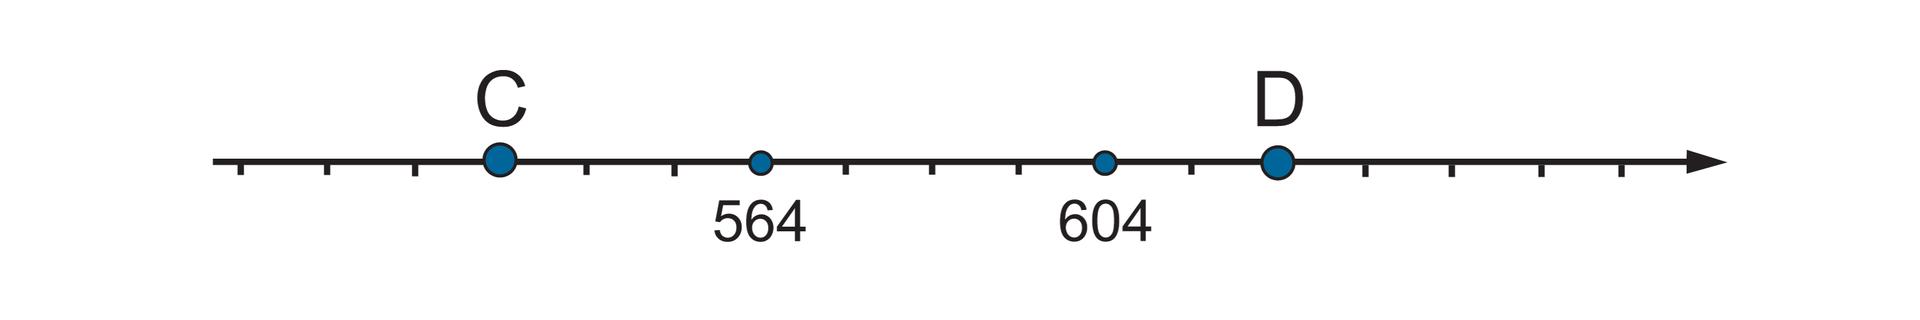 """""""Rysunek osi liczbowej zzaznaczonymi liczbami 564, 604 oraz punktami CiD. Odcinek jednostkowy równy 10. Szukane punkty: punkt Cwyznacza trzy części przed punktem 564"""